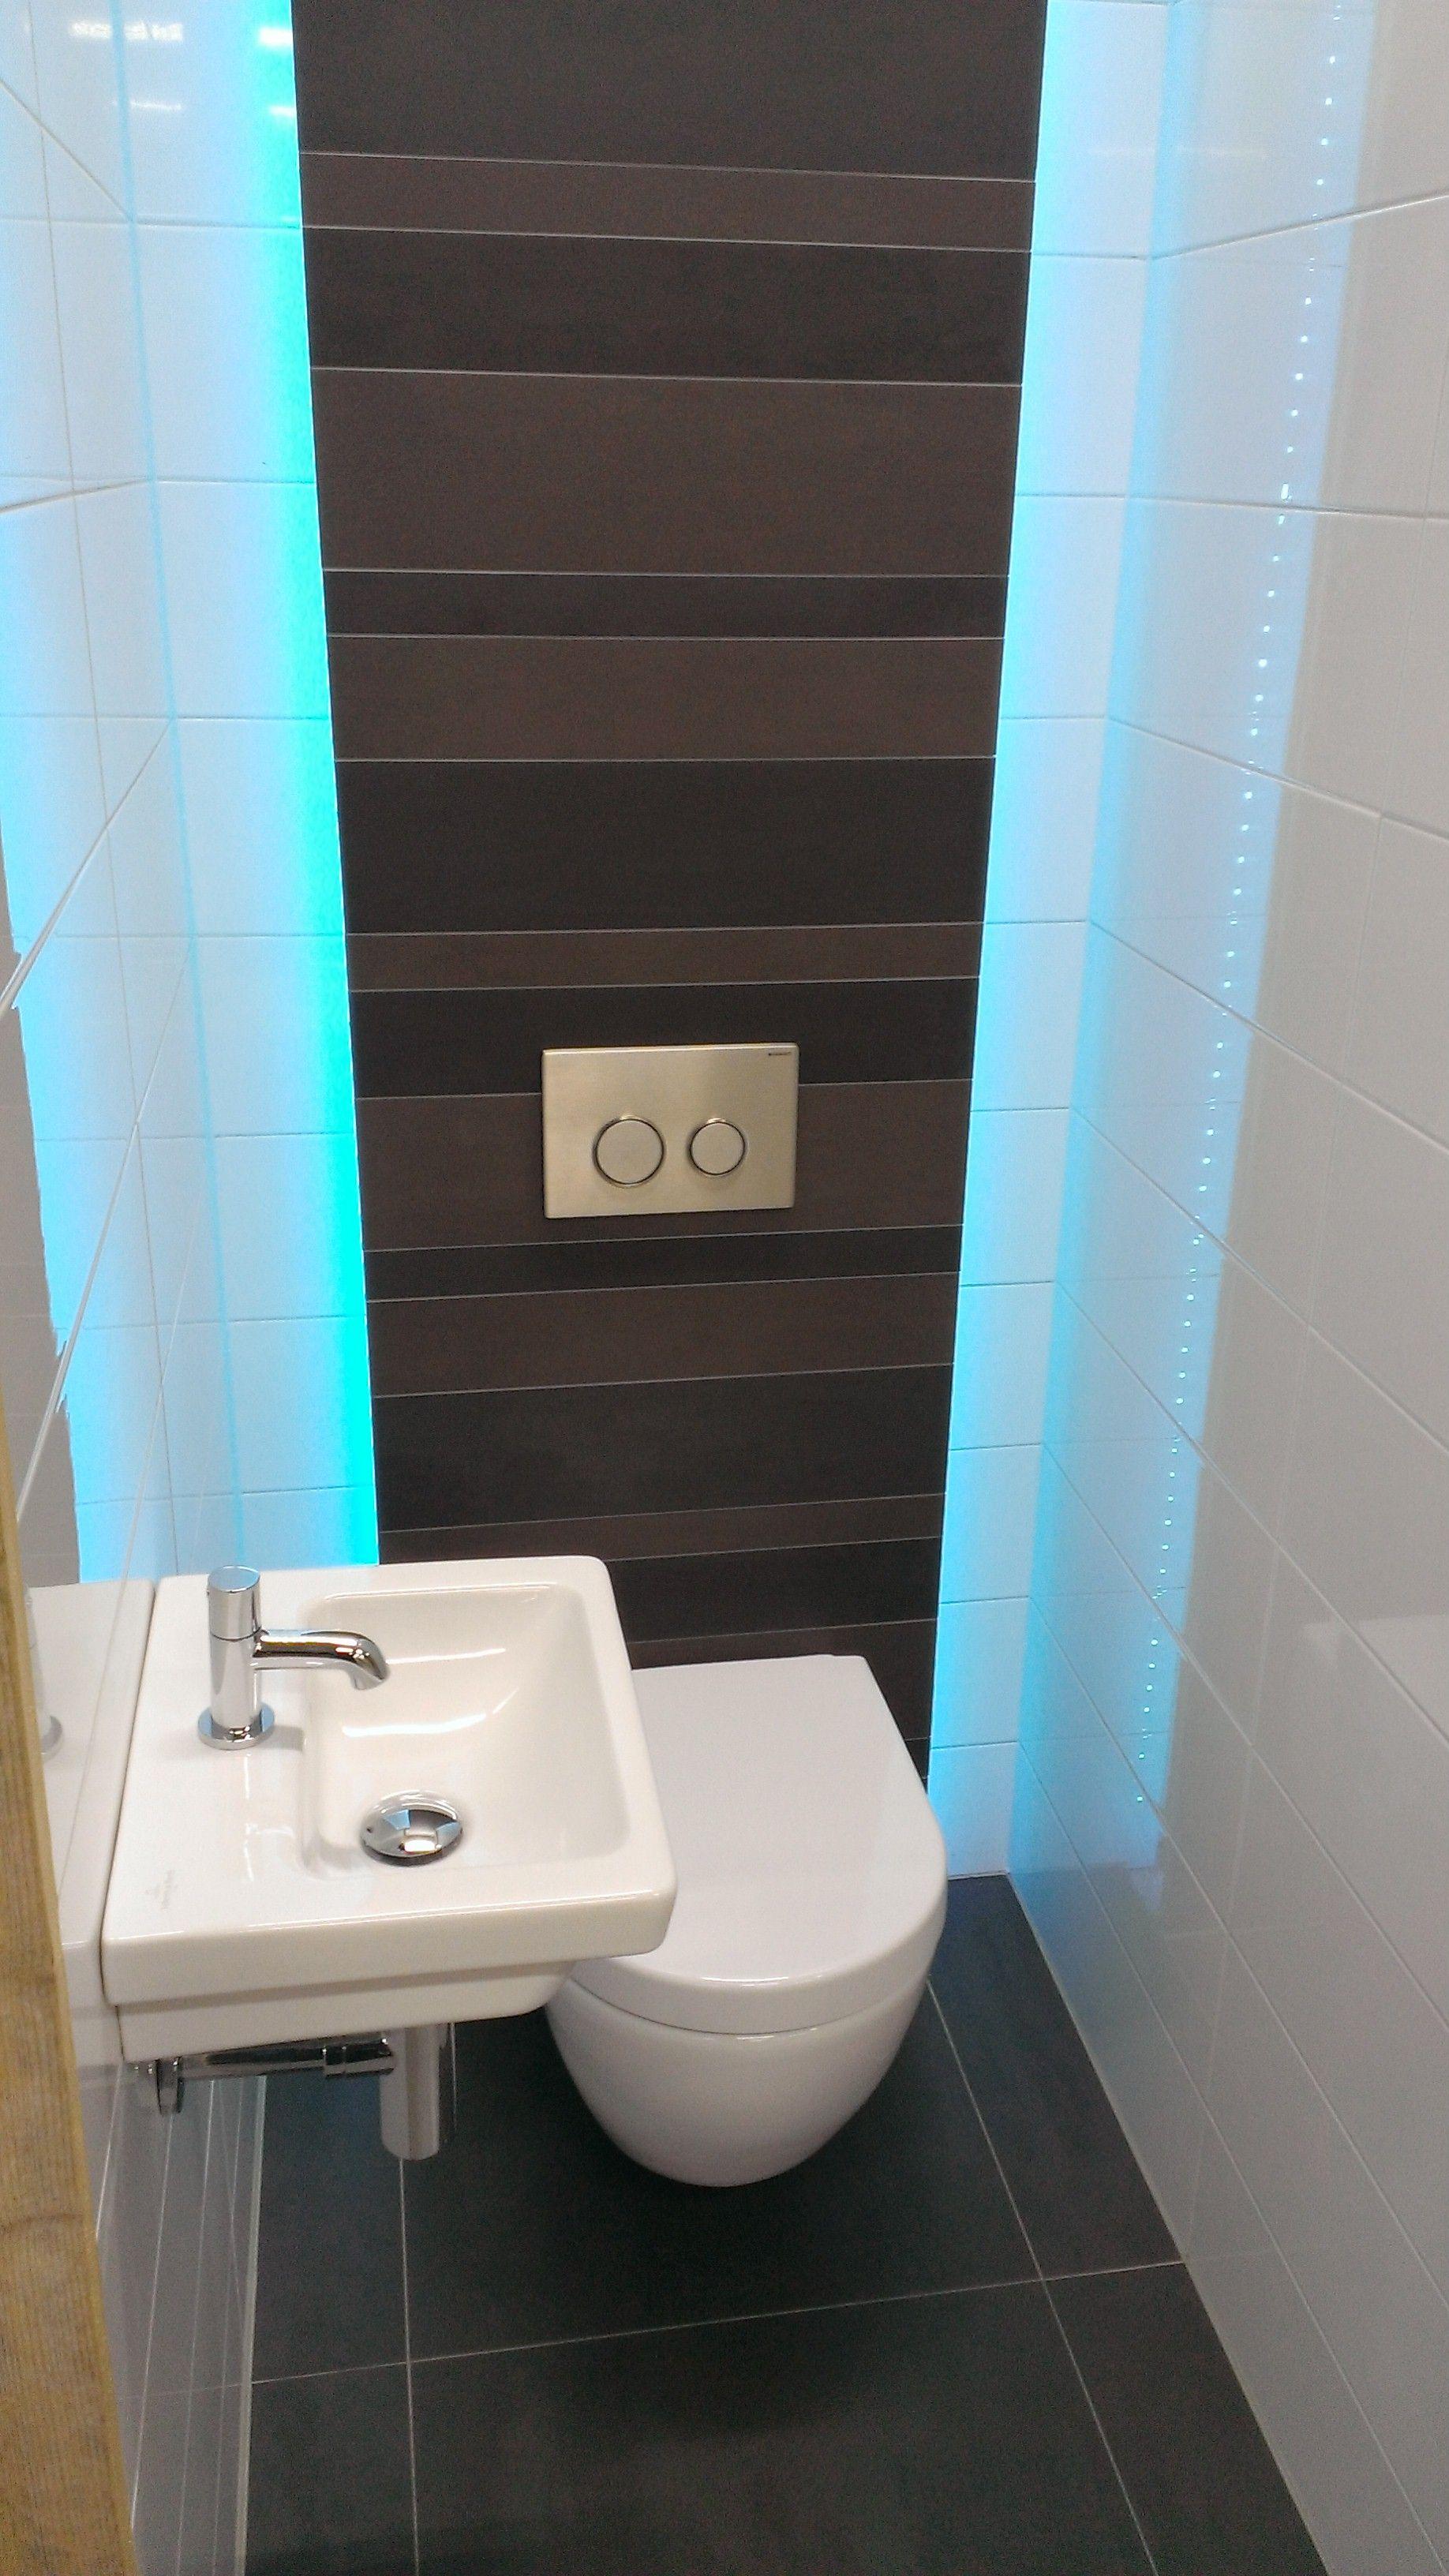 Toilet met led-verlichting in de achterwand. - Badkamer ideeën ...